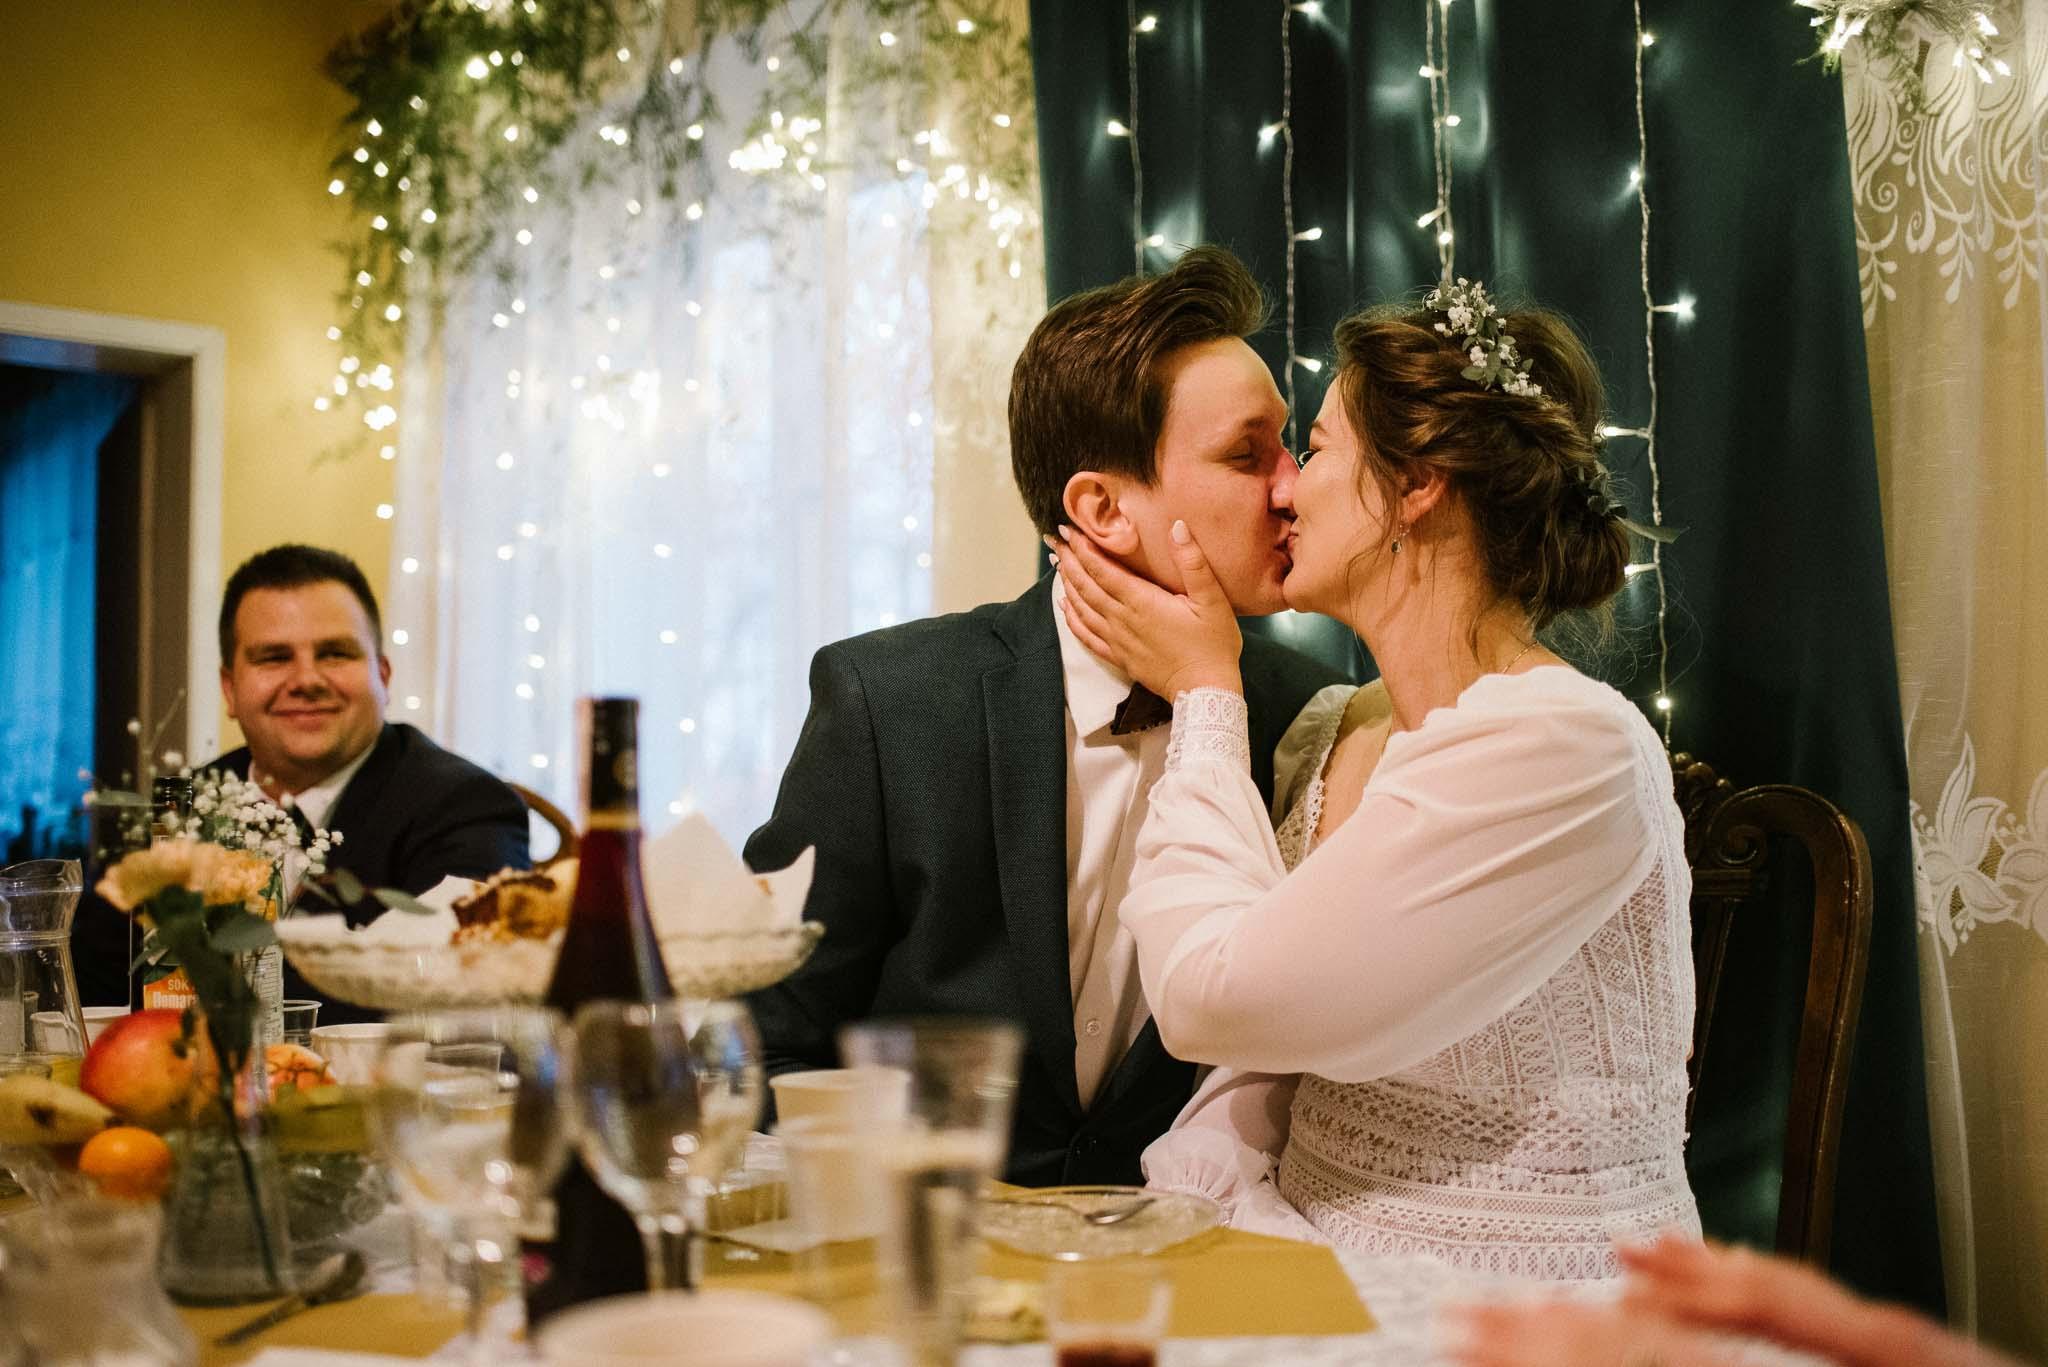 Para młoda przy stole się całuje - sesja ślubna reportaż Żuczki Inowrocław